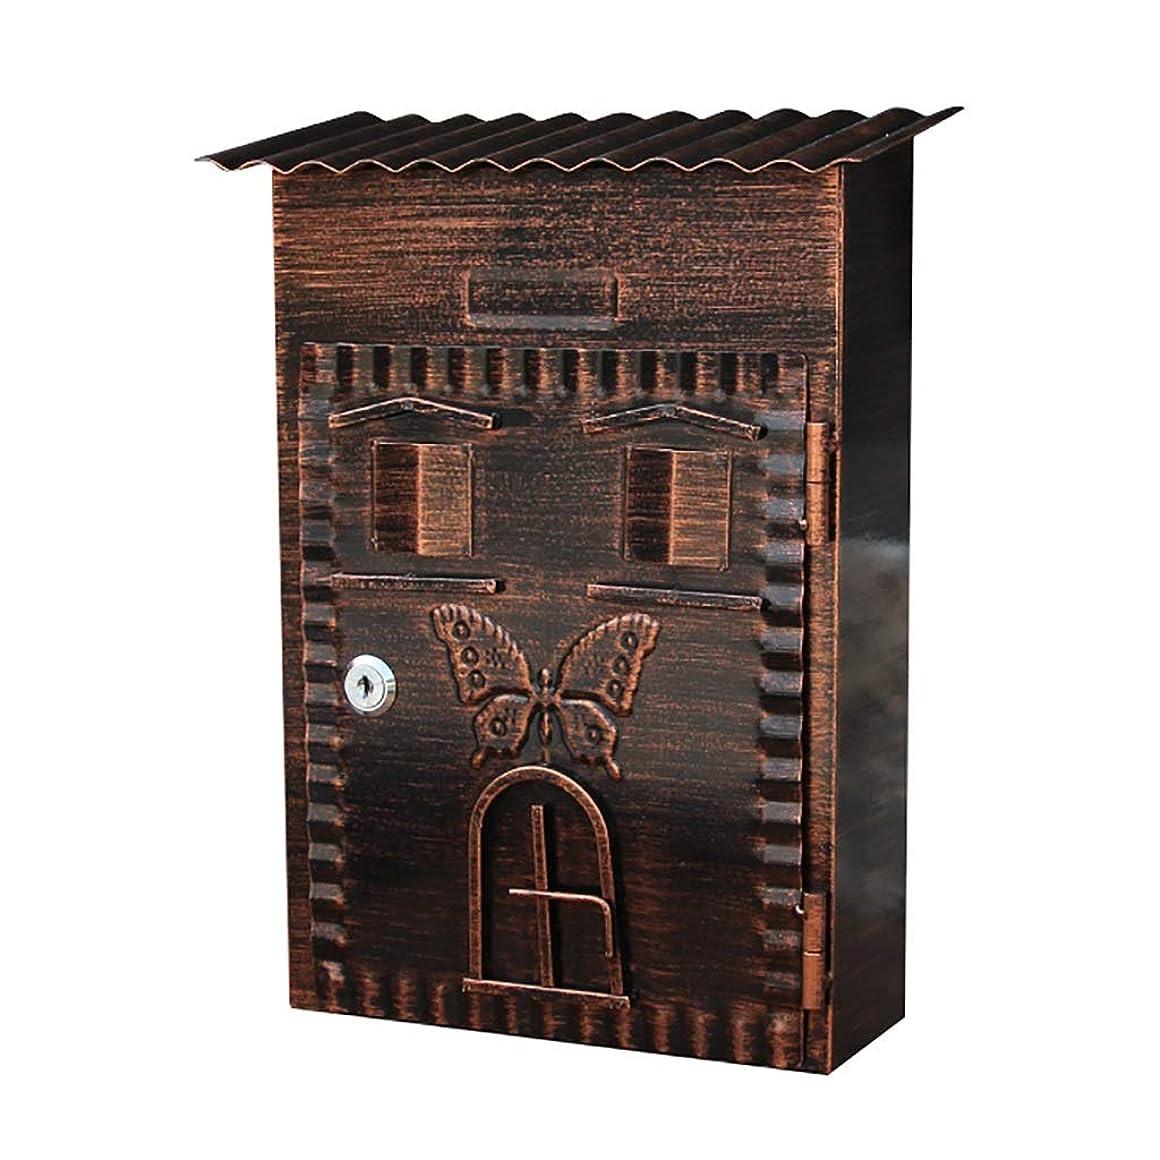 キリスト死んでいる意識外箱、壁掛け郵便箱、屋外郵便箱、亜鉛メッキ板材、装飾郵便箱、Size22 * 9.5 * 34のためのメールボックス